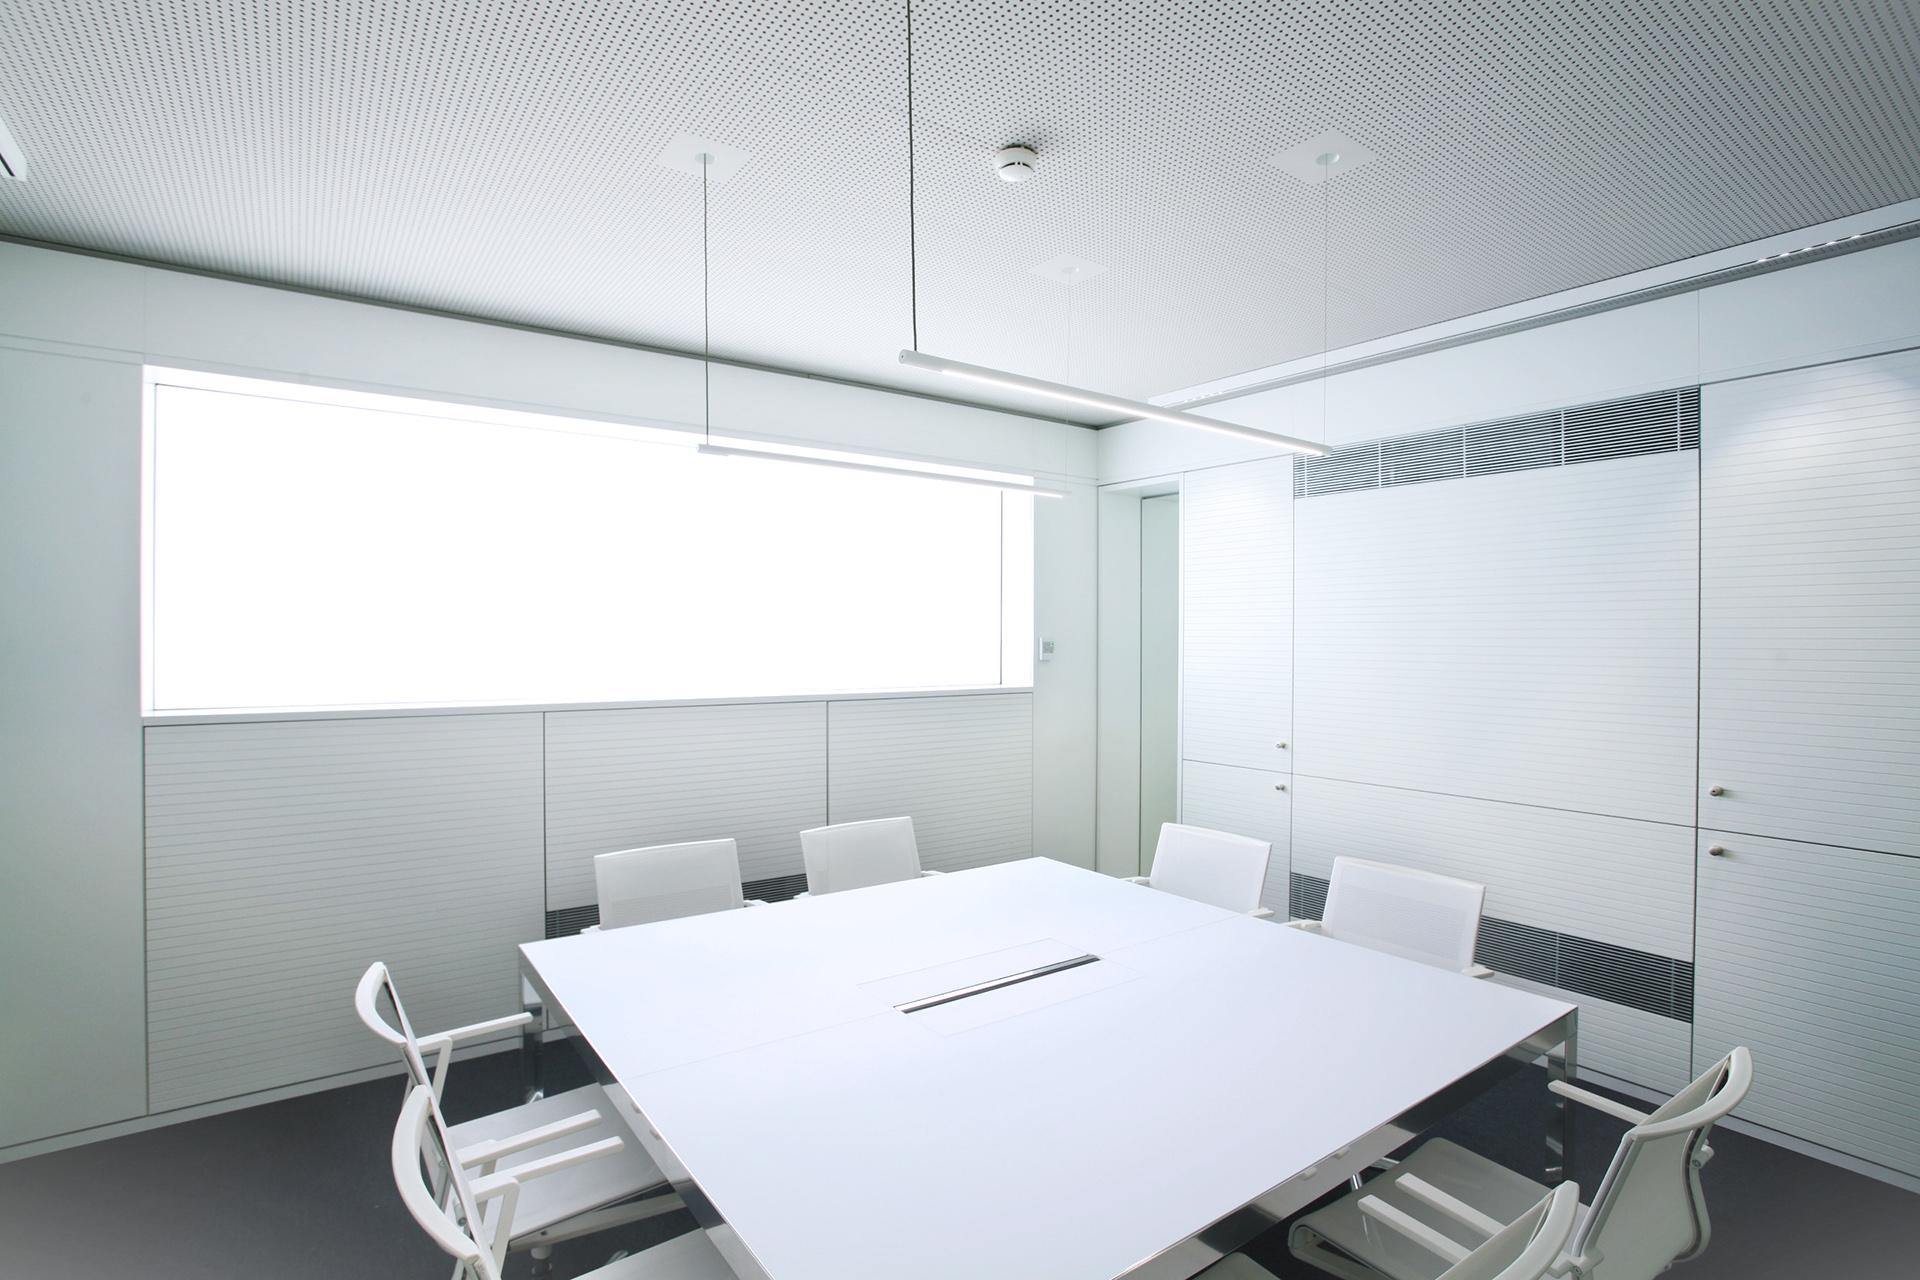 Sale riunioni e videoconferenze verona arcade for Ambienti design verona